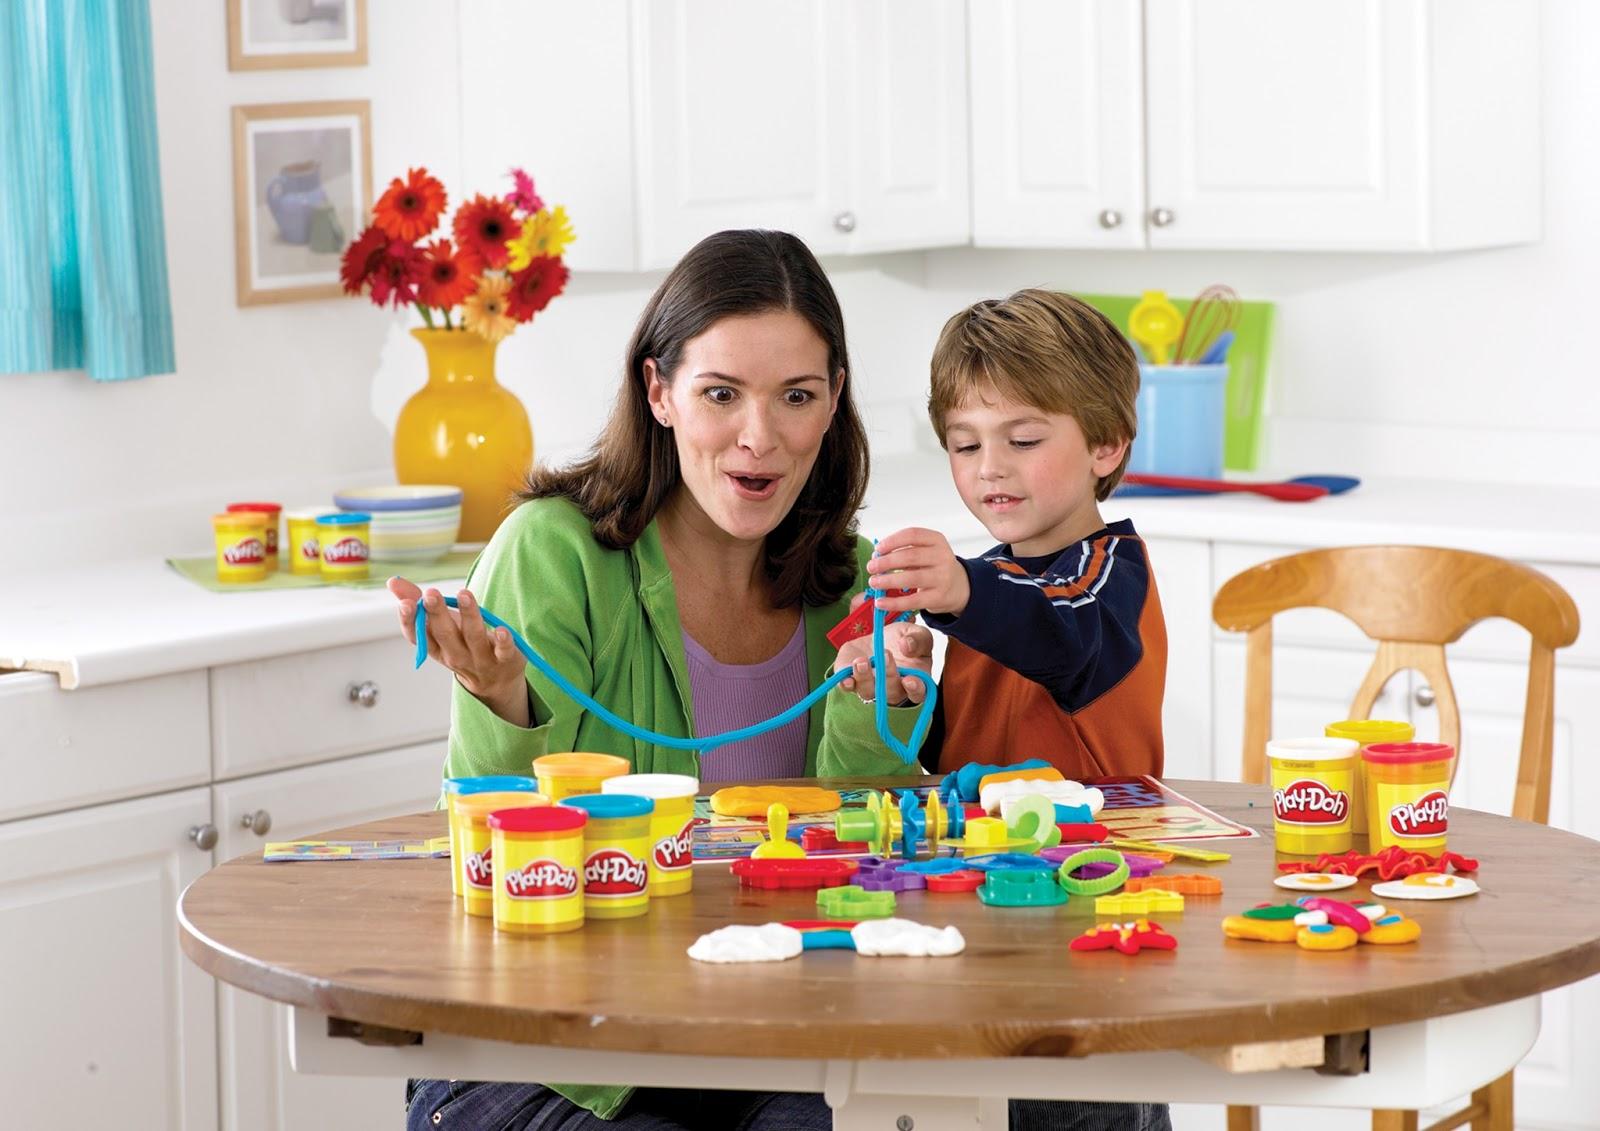 Çocuğunuzu emzik durumundan nasıl atabilirsiniz